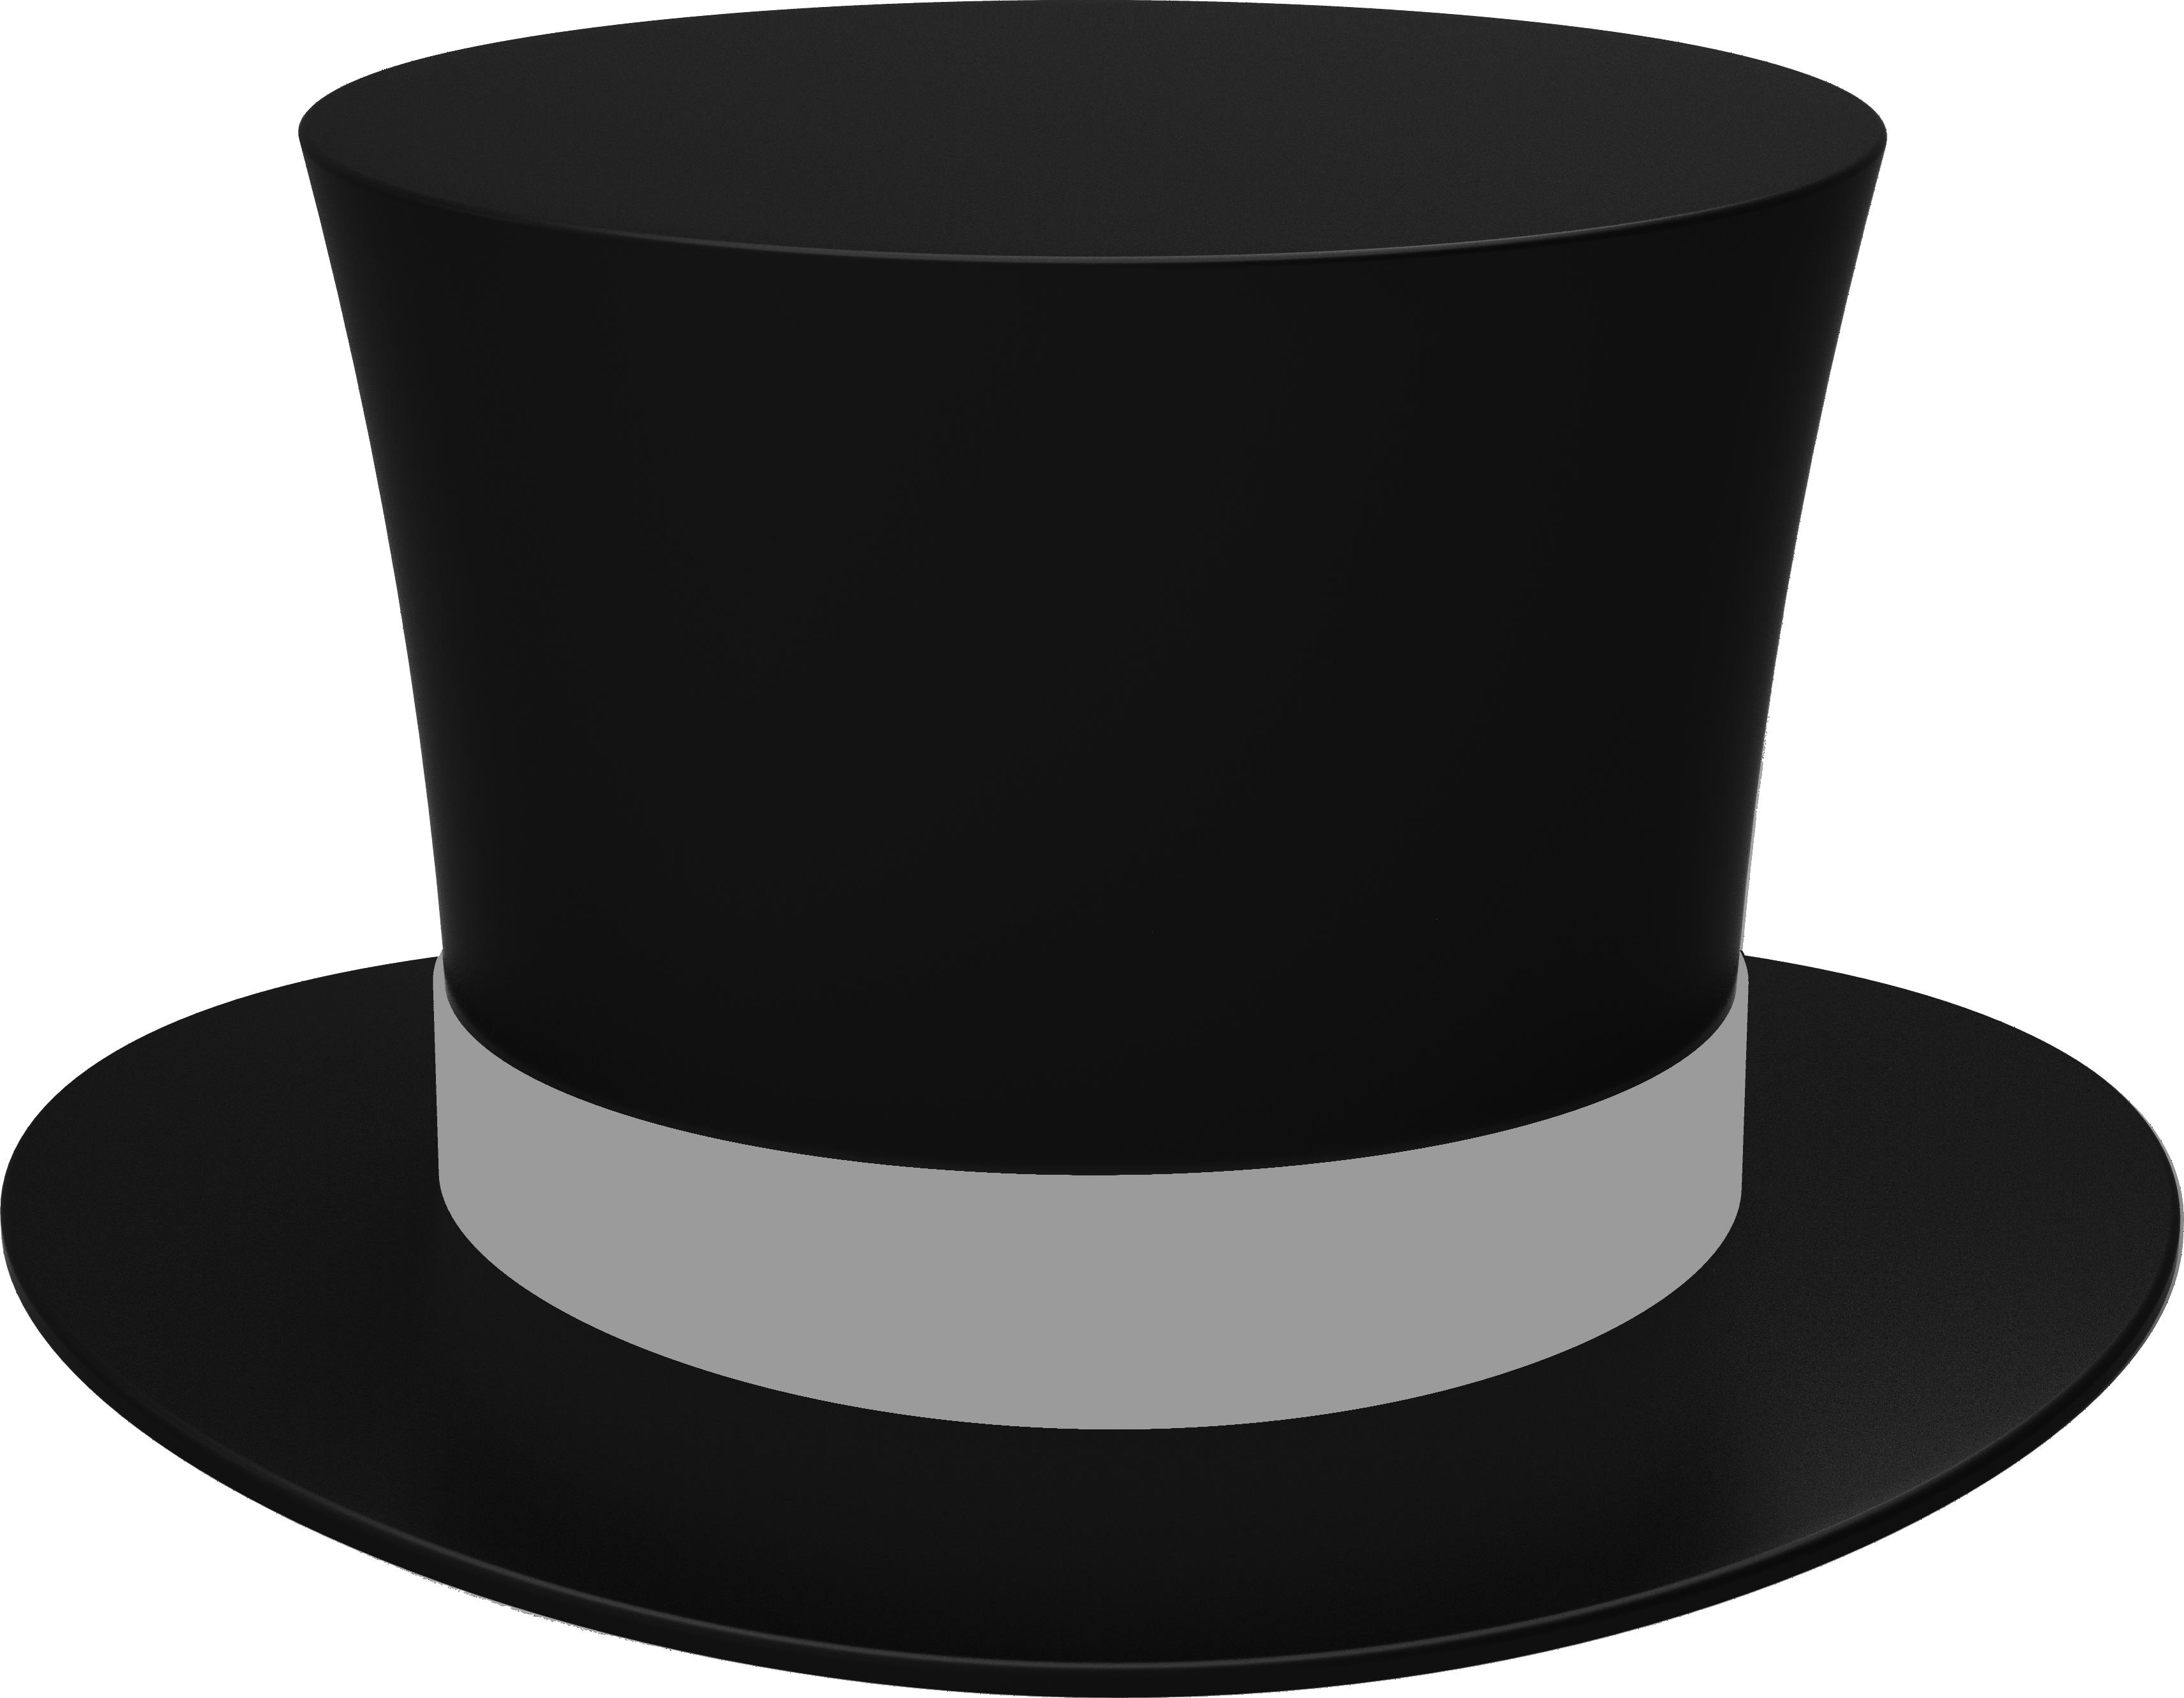 Fedora clipart ranger hat. Black cylinder png image